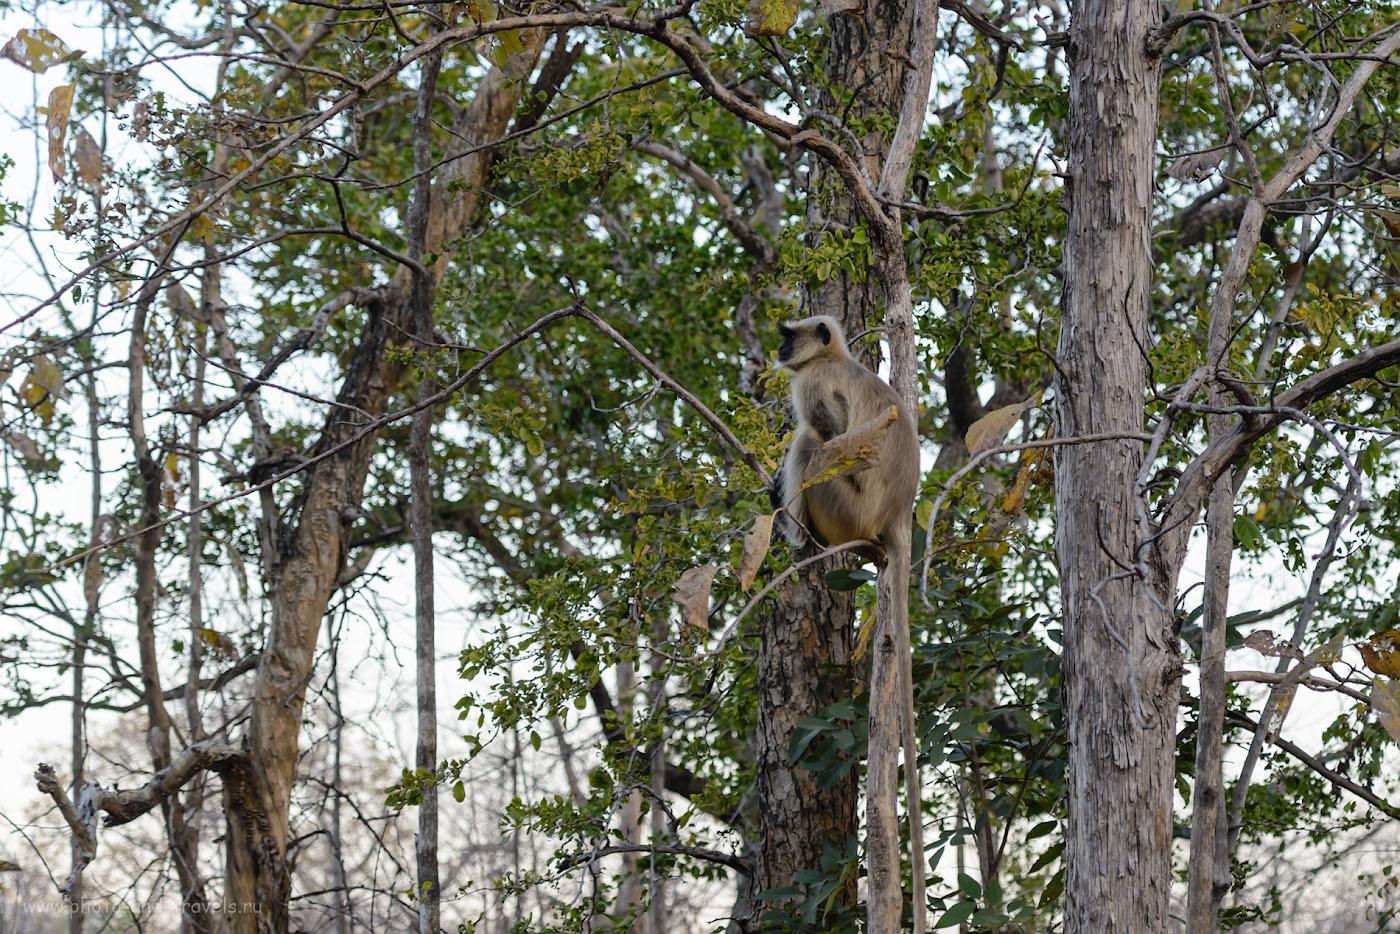 Фото 6. Серый лангур в национальном парке «Панна». Обезьяны этого вида, наверное, самые распространенные в Индии. 1/200, 4.0, 400, 100.